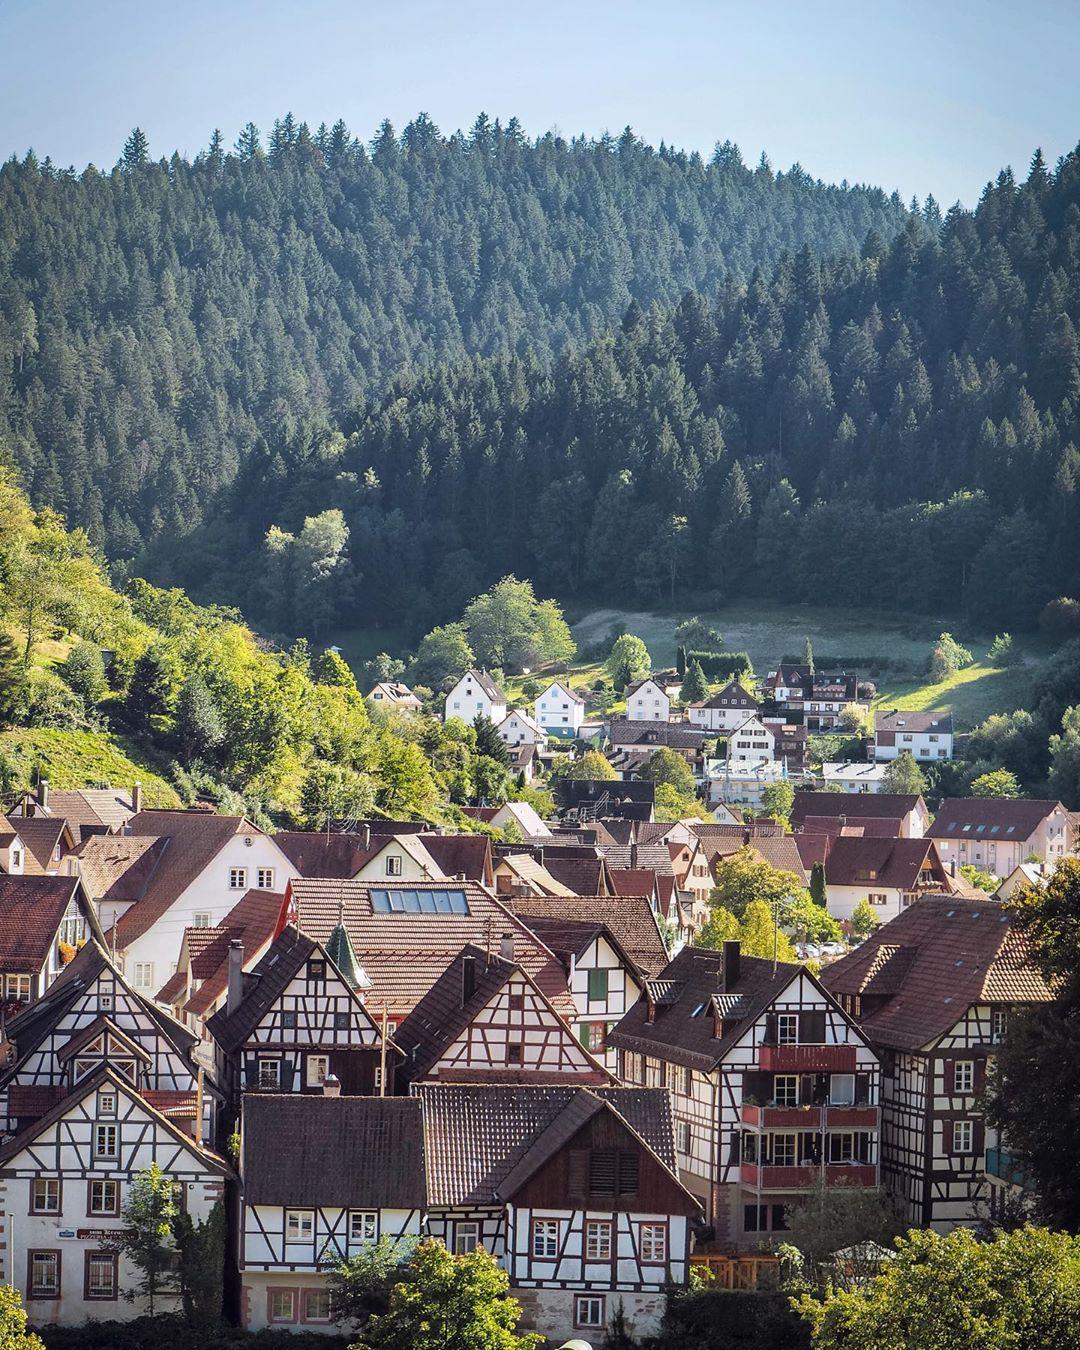 Schiltach, Rừng đen, Đức